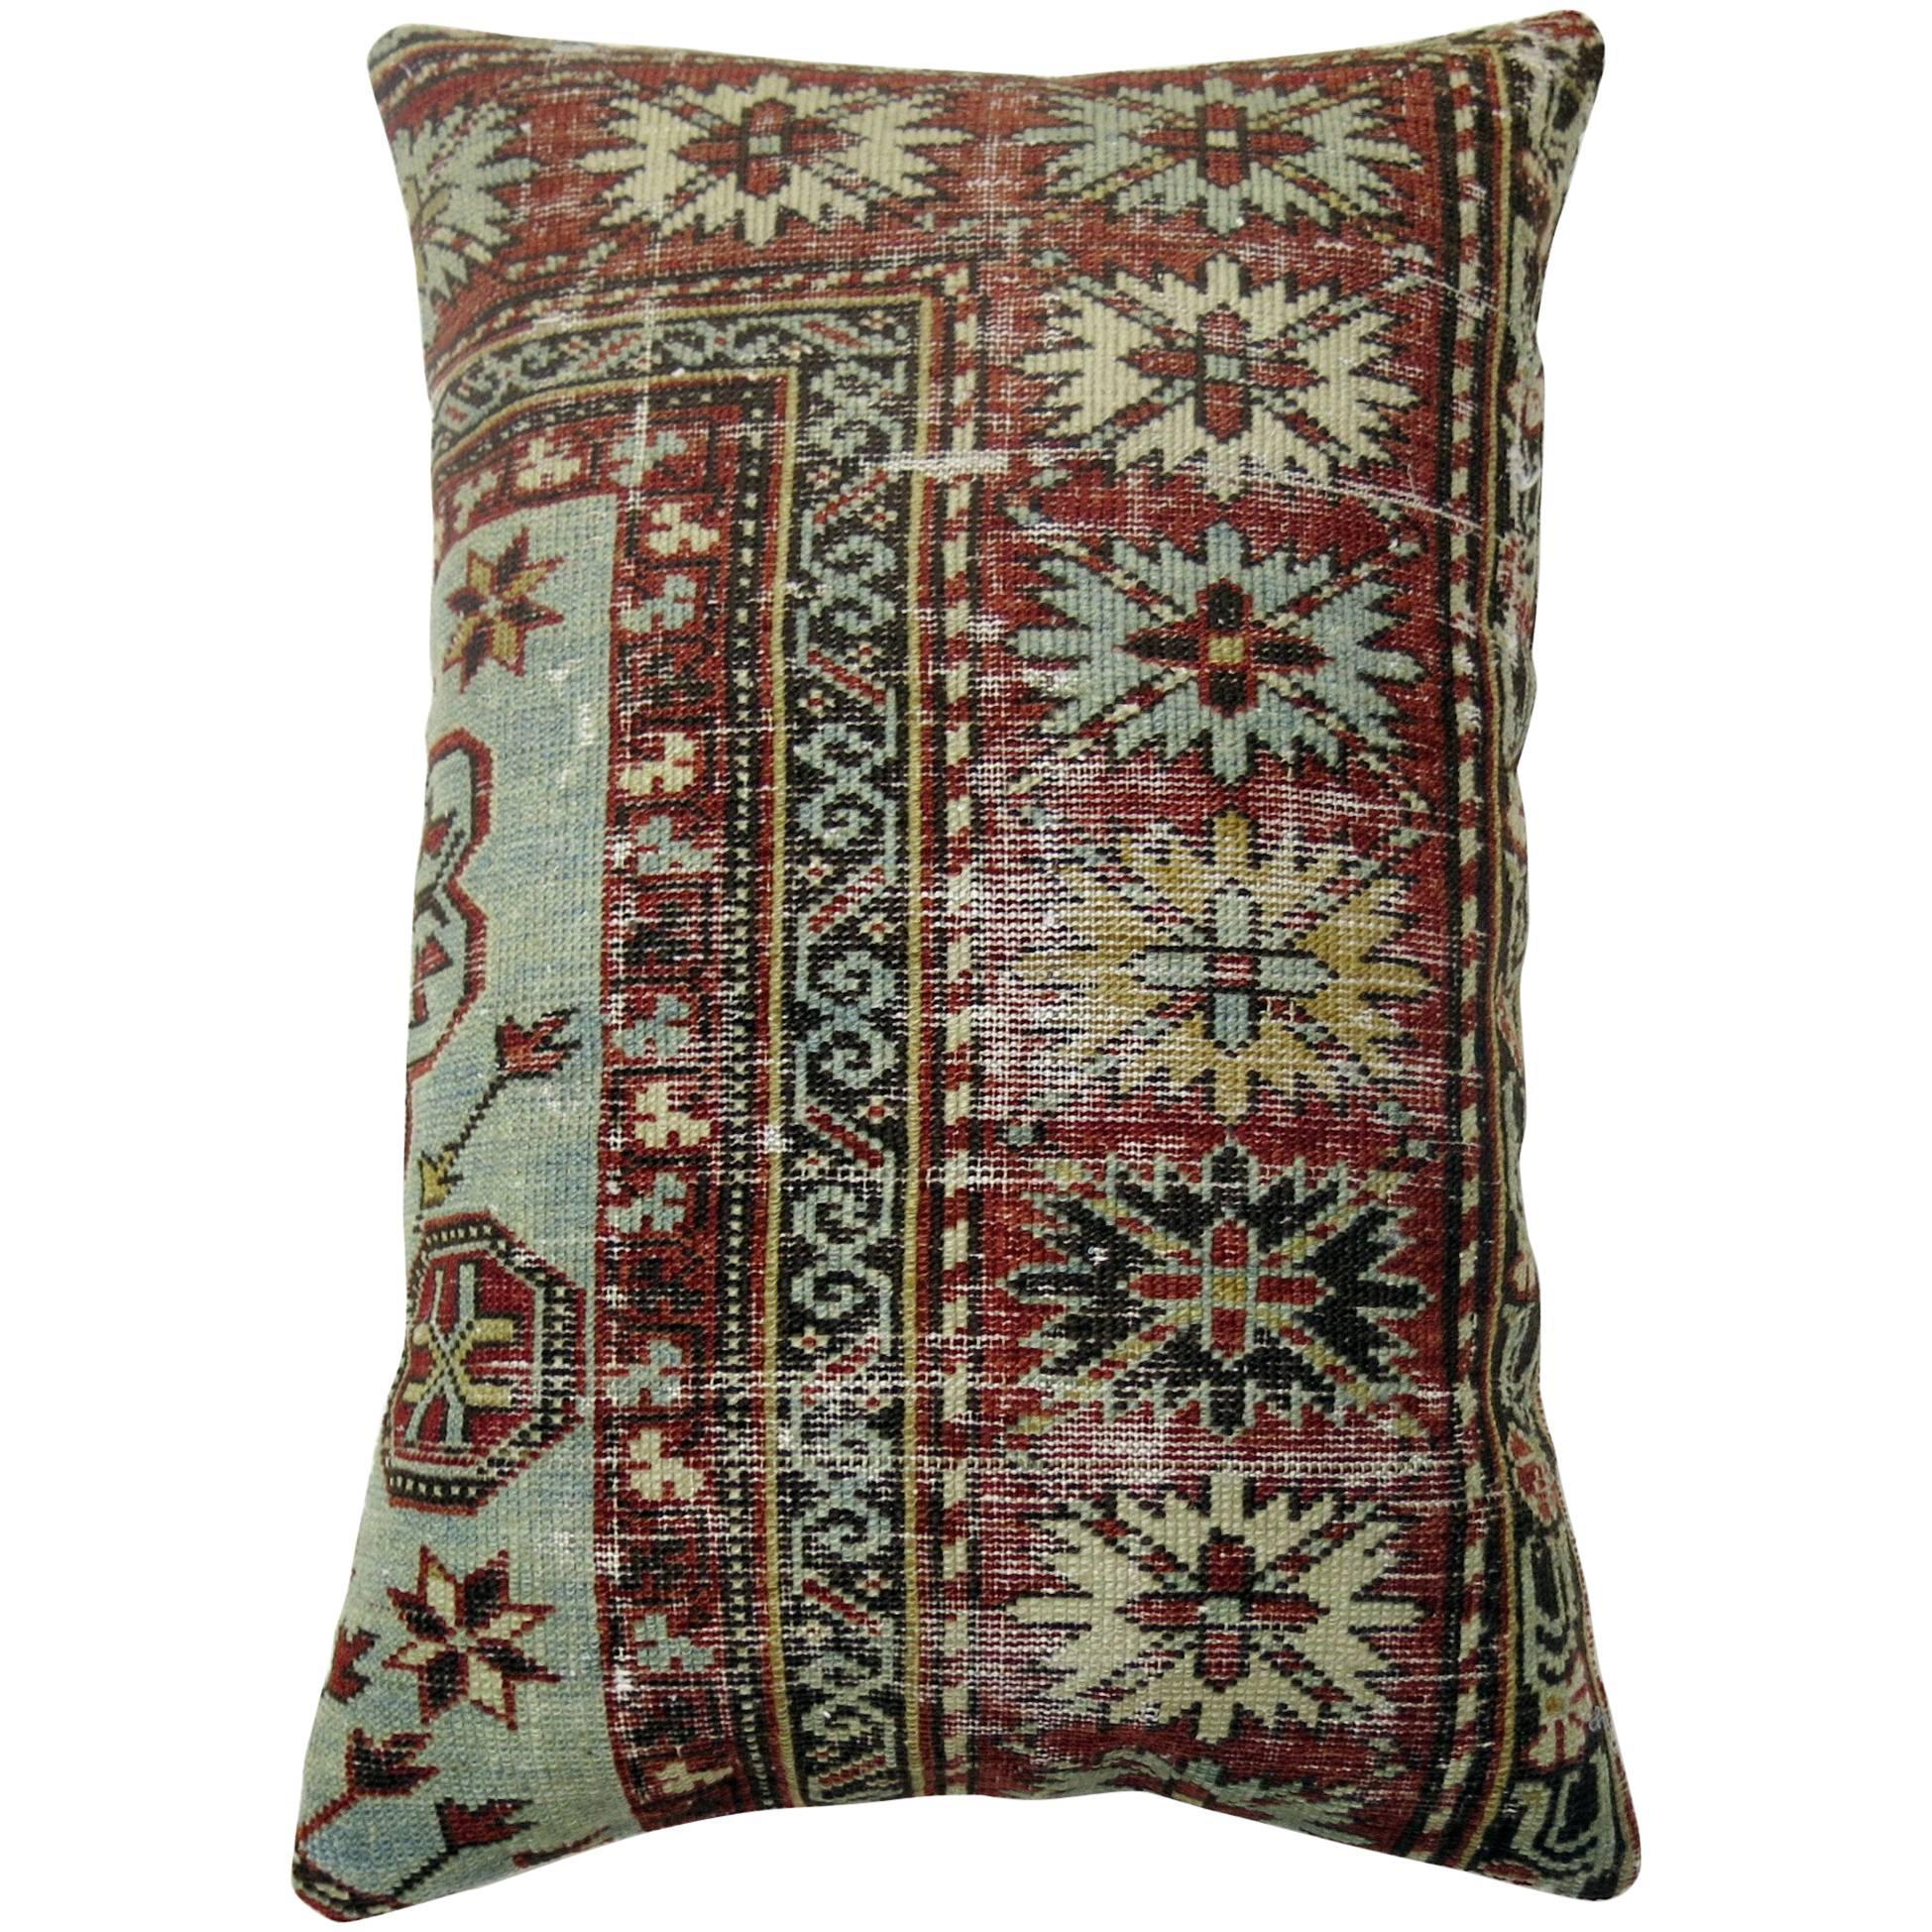 Shabby Chic Caucasian Rug Pillow